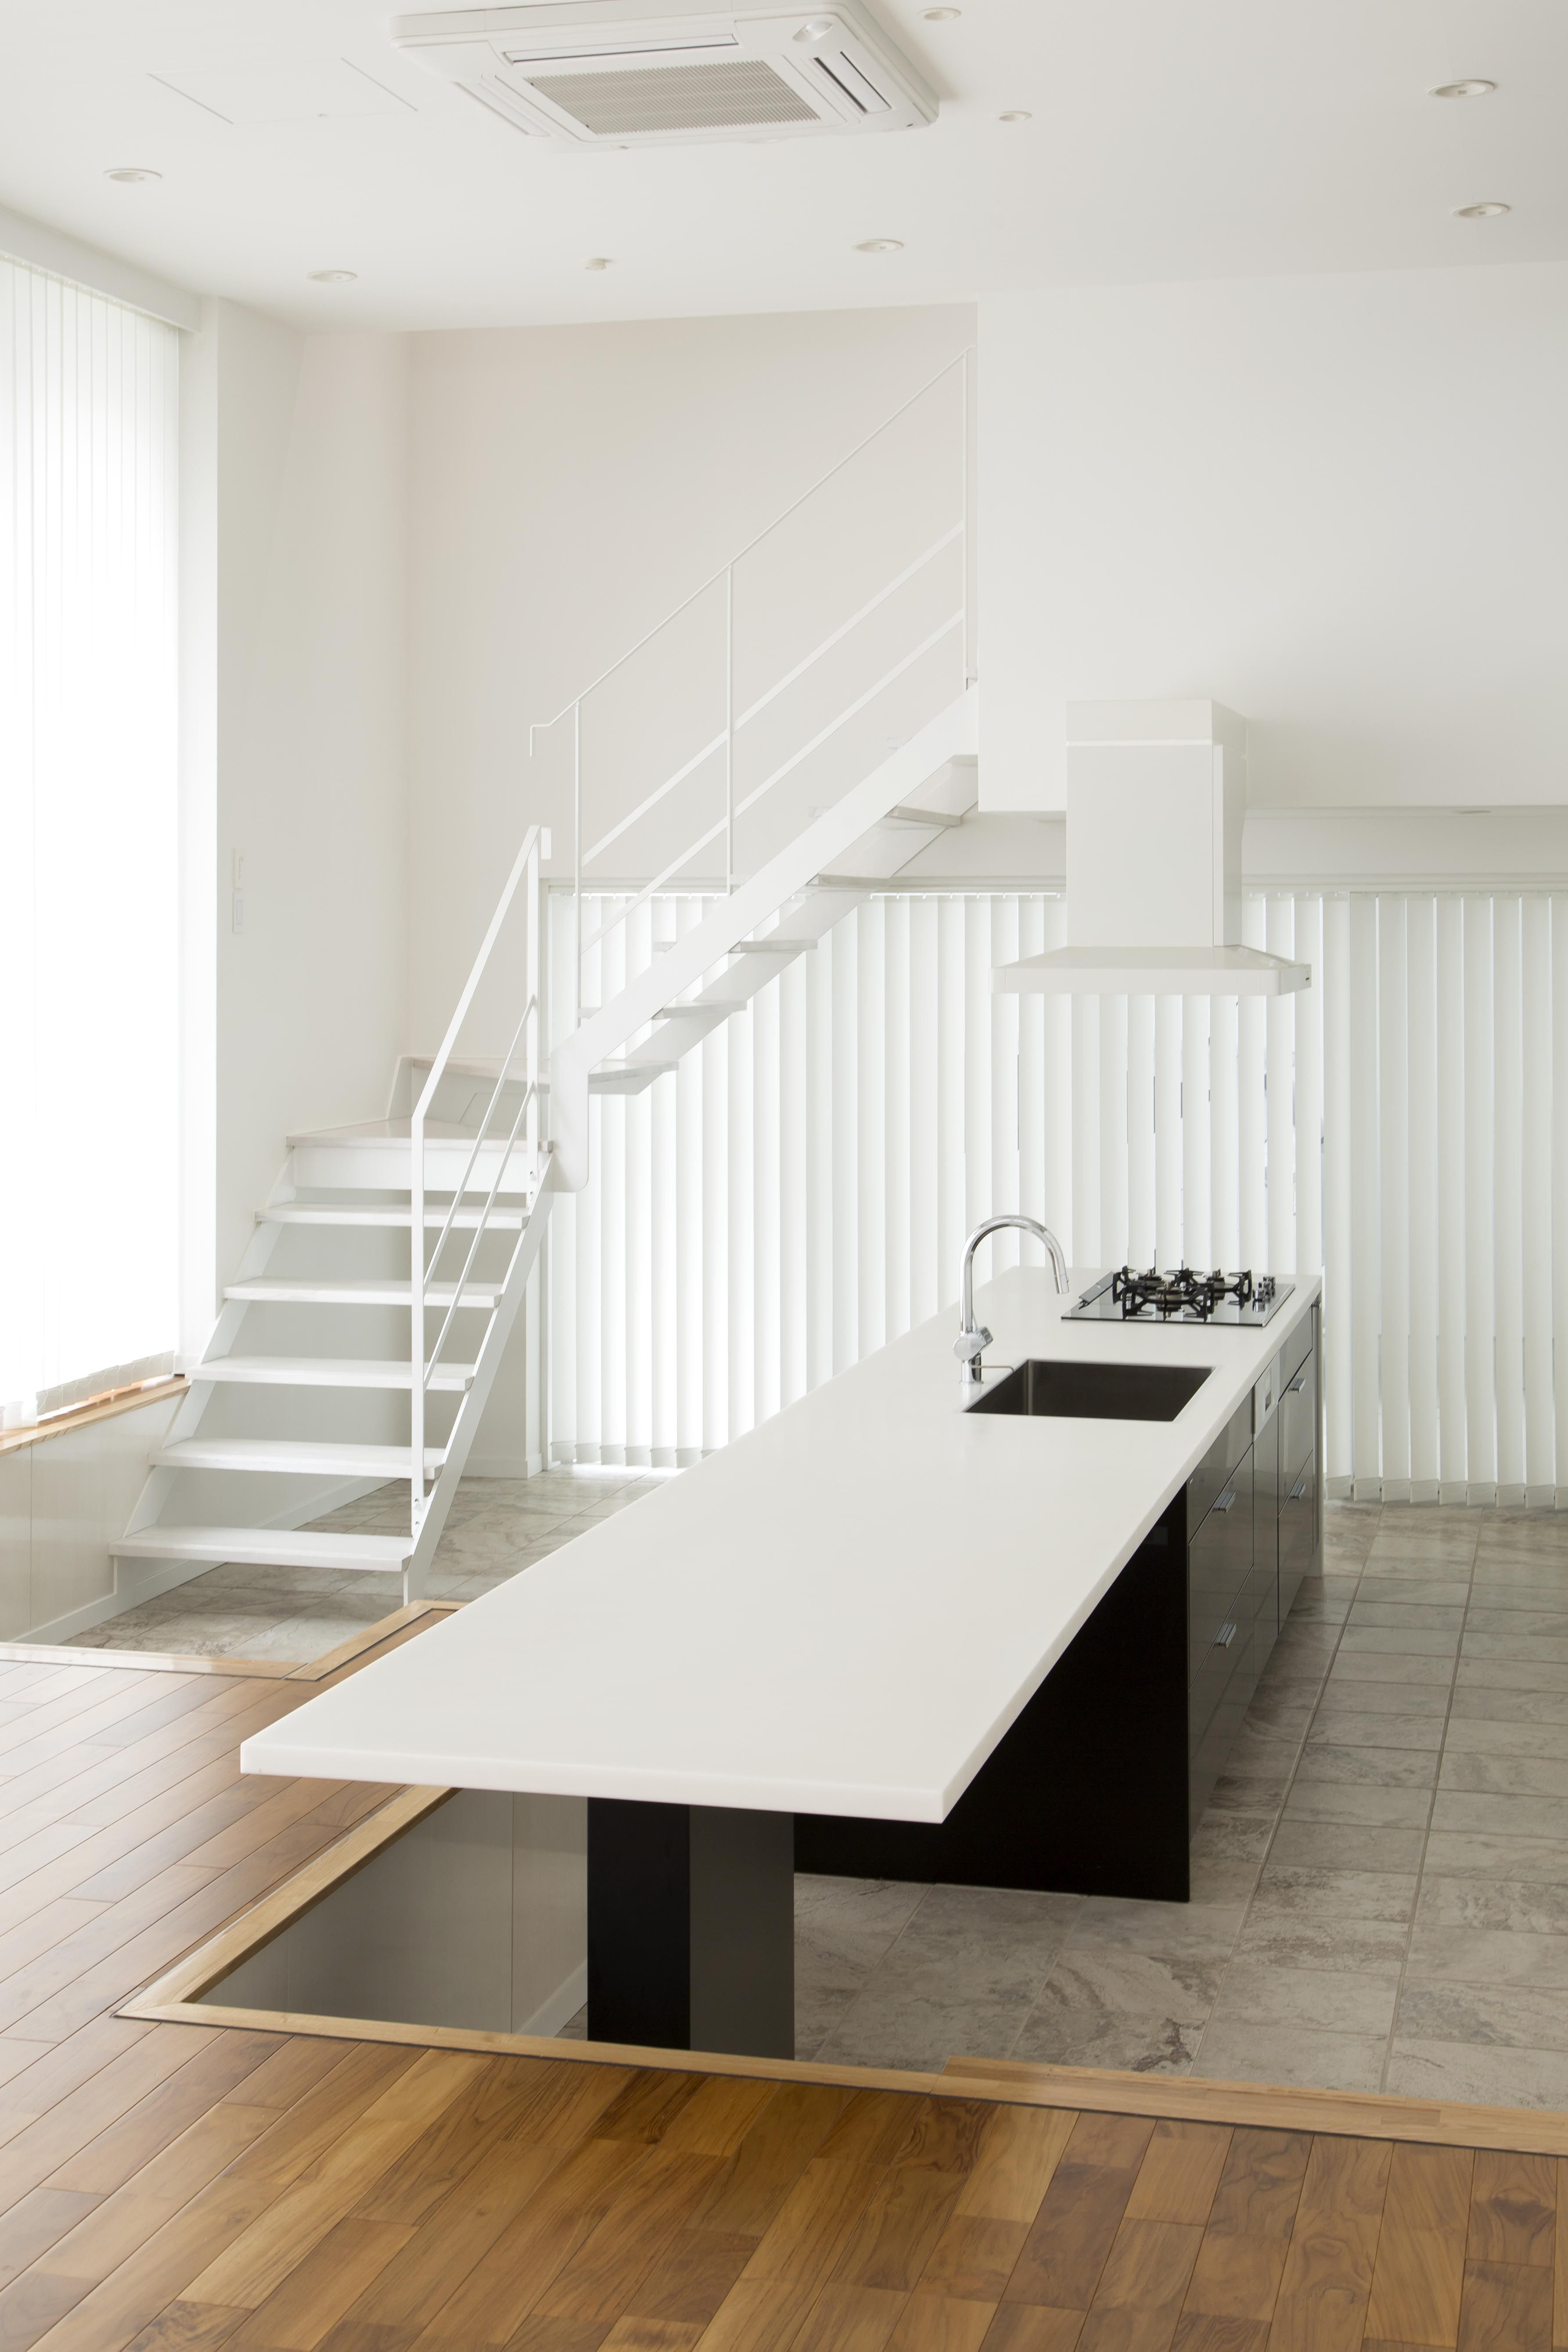 キッチンカウンターとテーブルを一体にする ストレートデザインが特徴